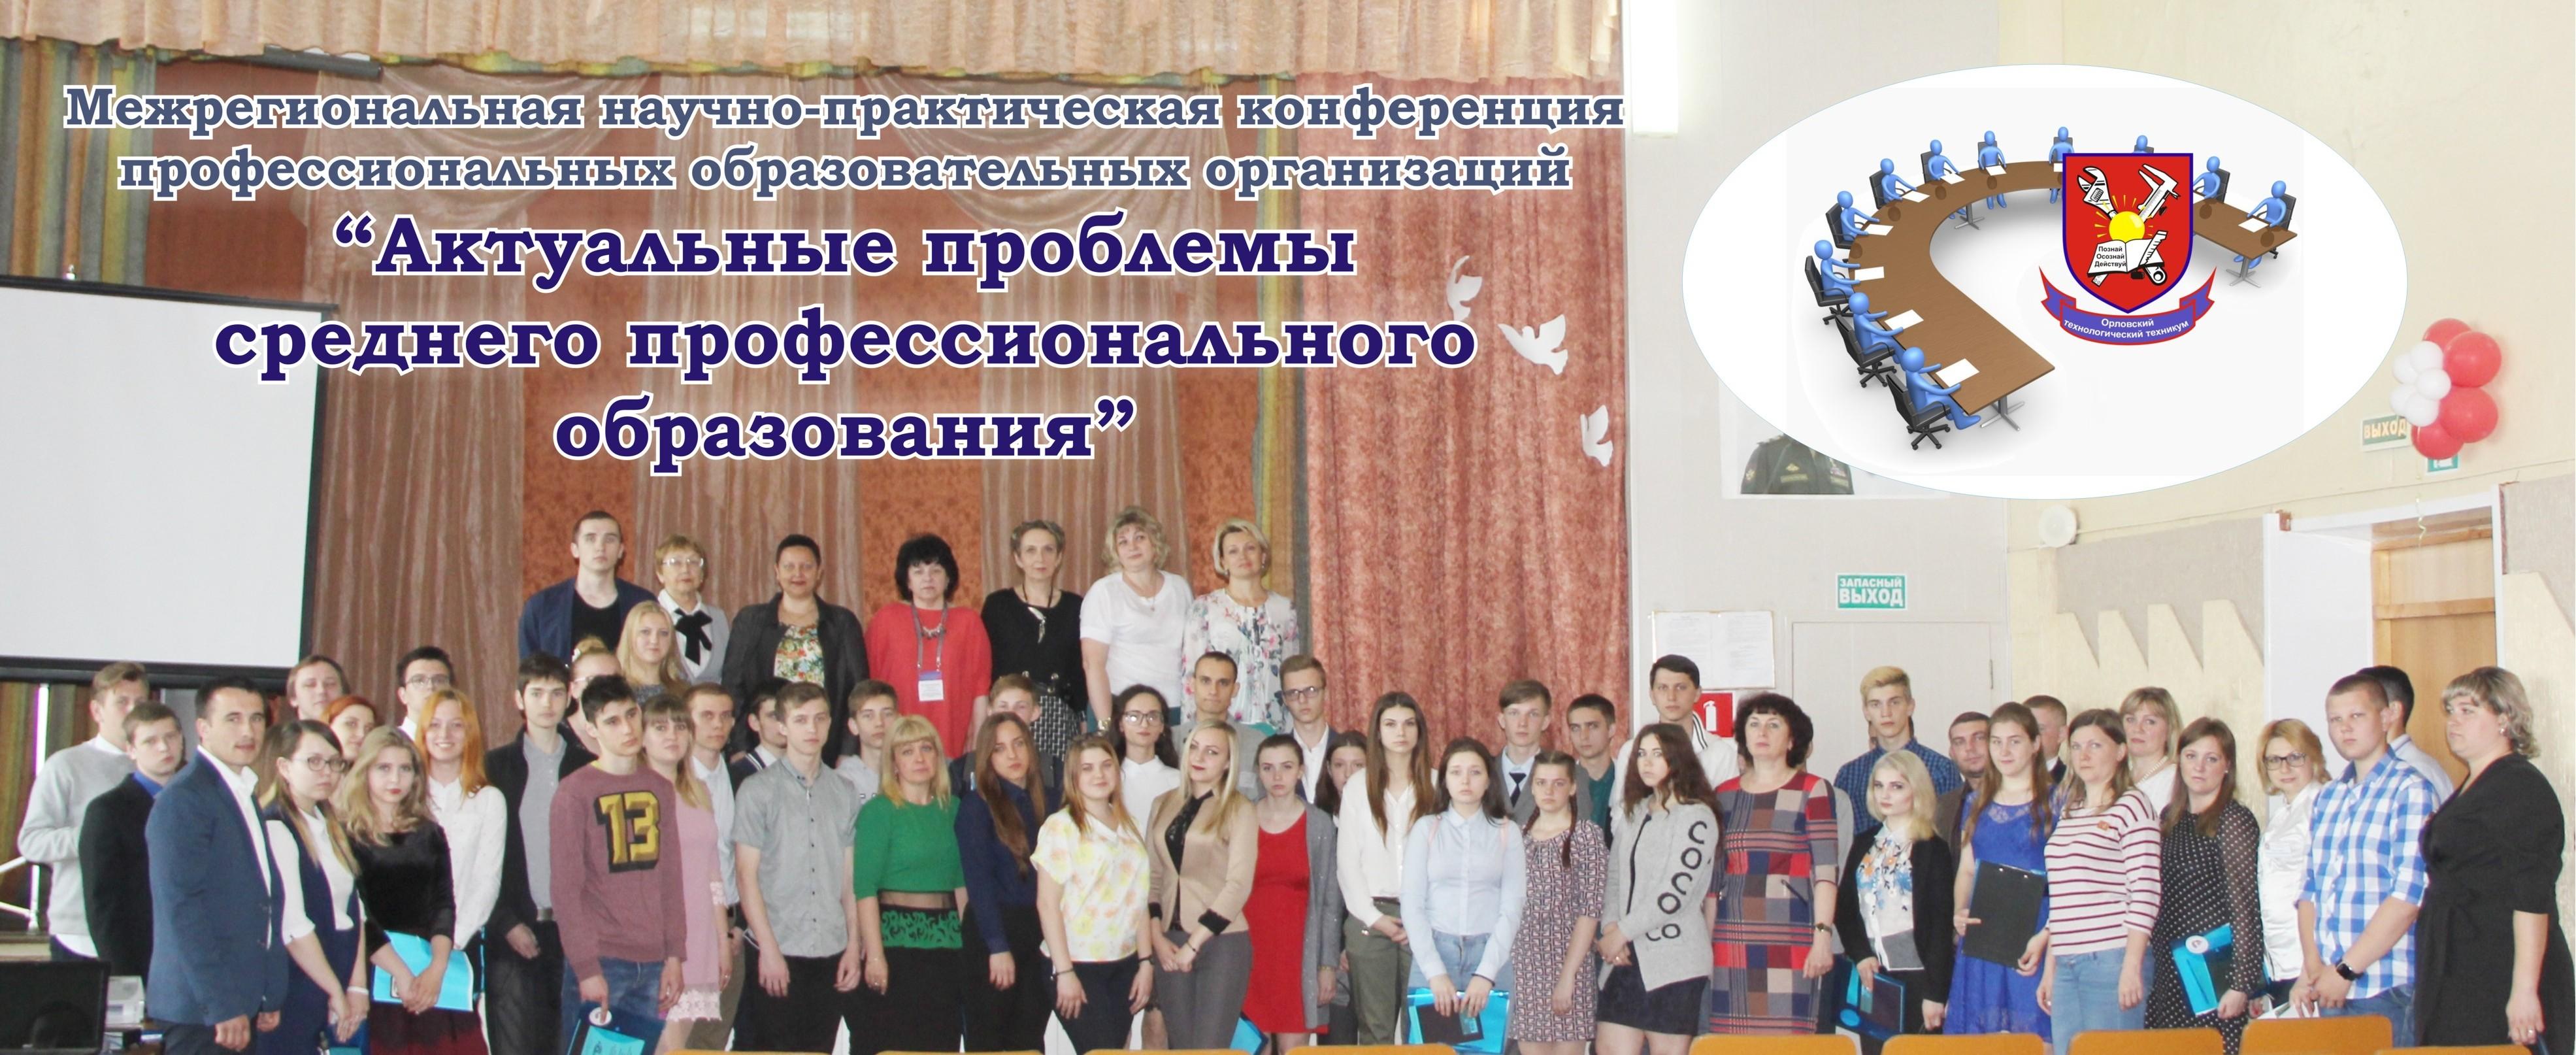 I-ая Межрегиональная научно-практическая конференция «Актуальные проблемы среднего профессионального образования»